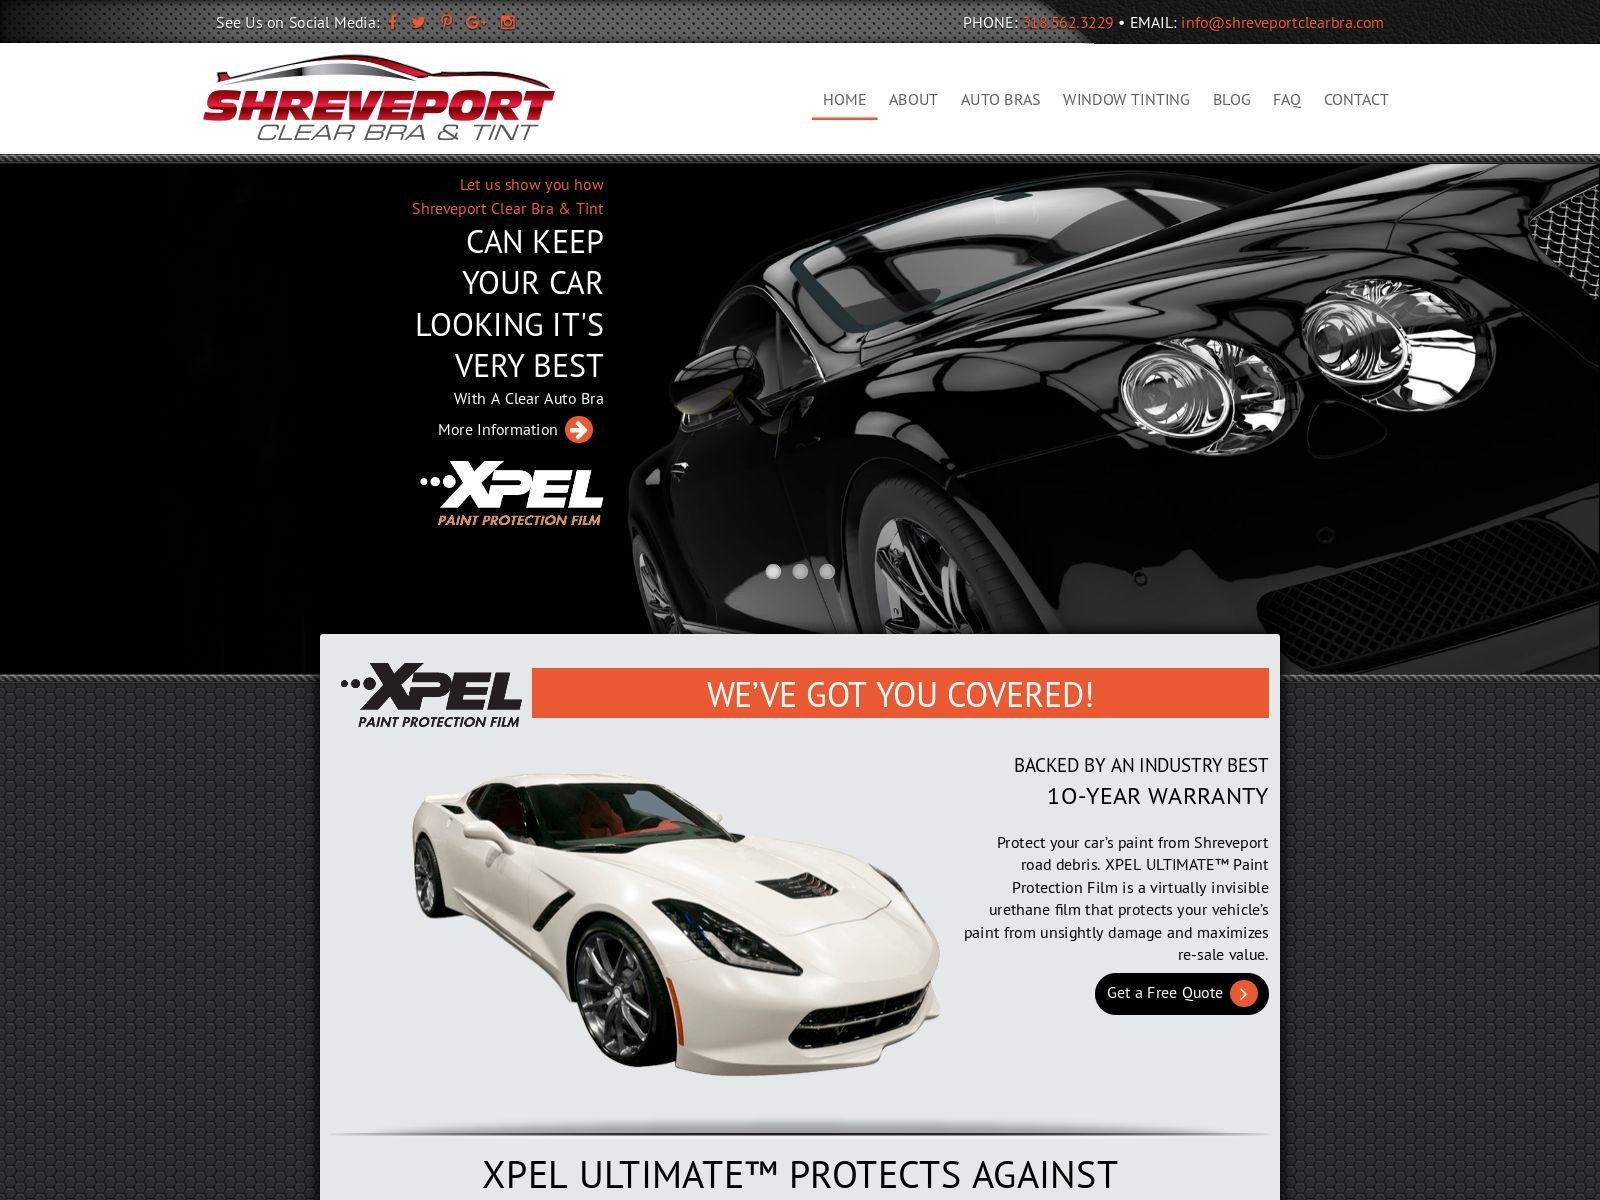 shreveportclearbra_com